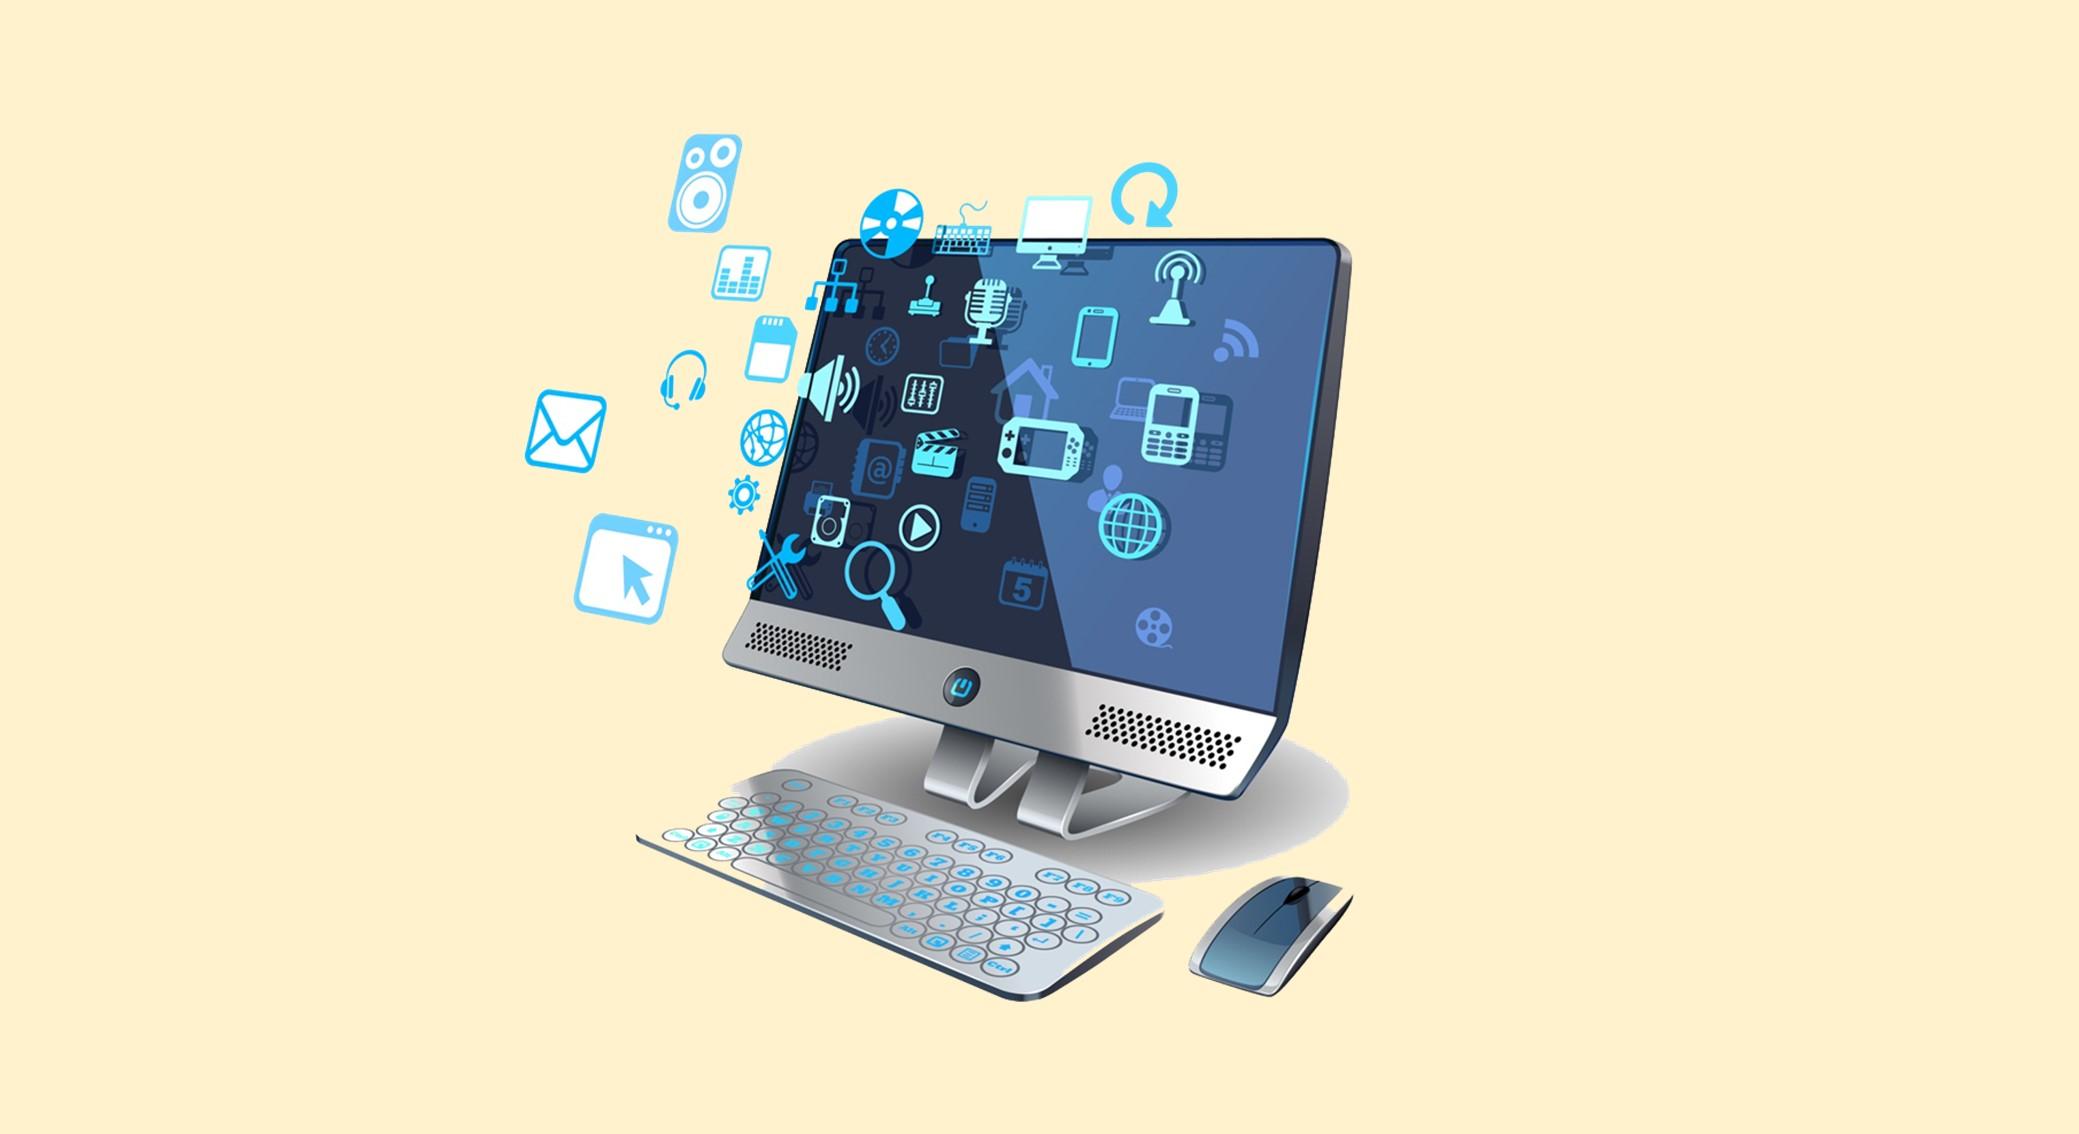 Phần mềm là gì - ảnh minh họa